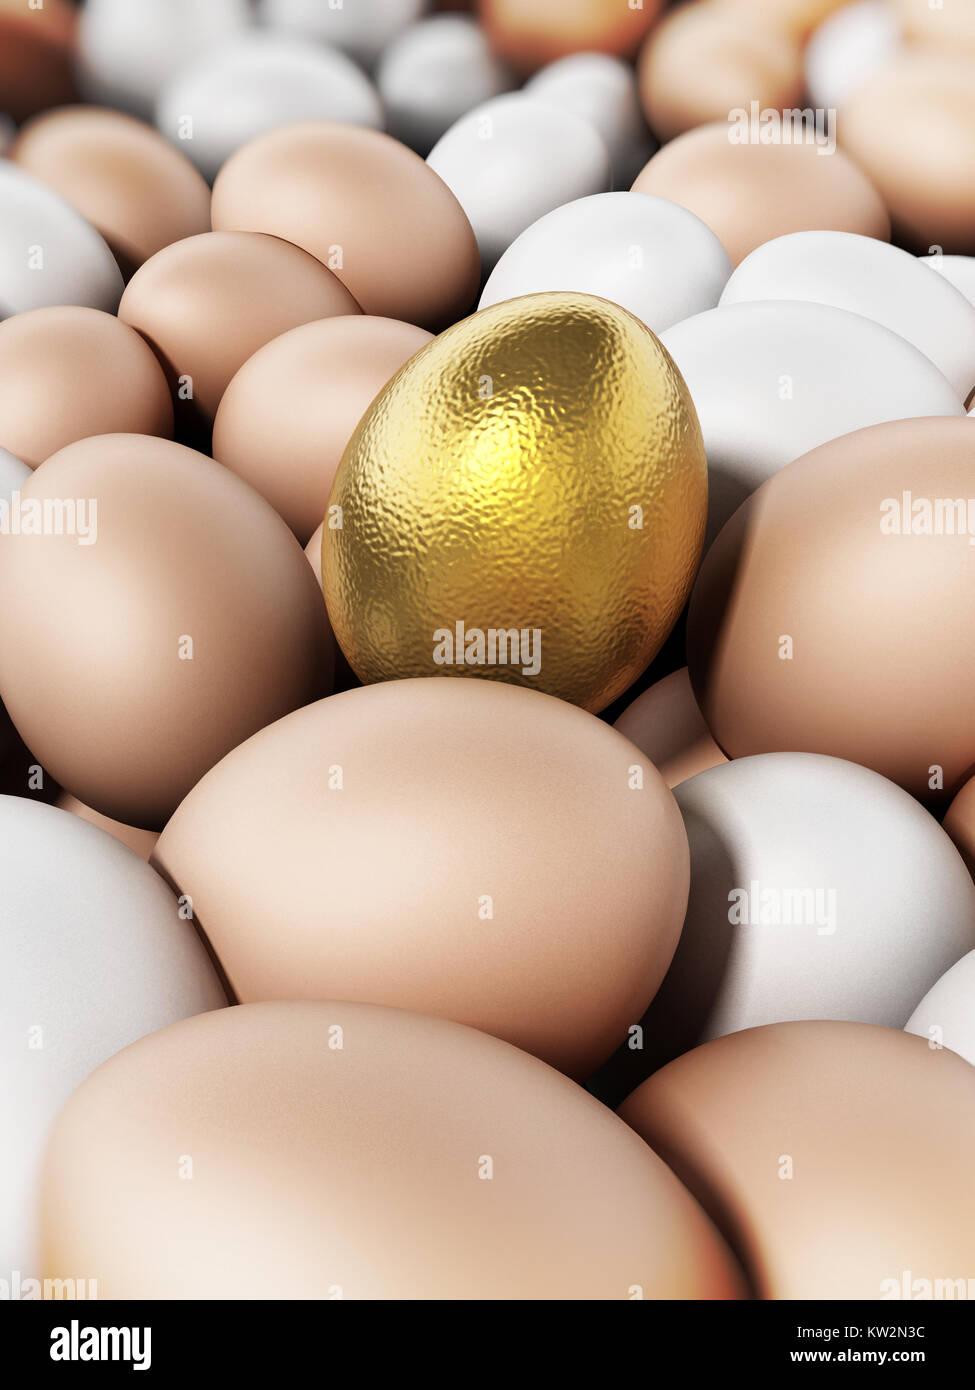 Œuf d'or parmi les bruns et les blancs d'œufs. 3D illustration. Photo Stock